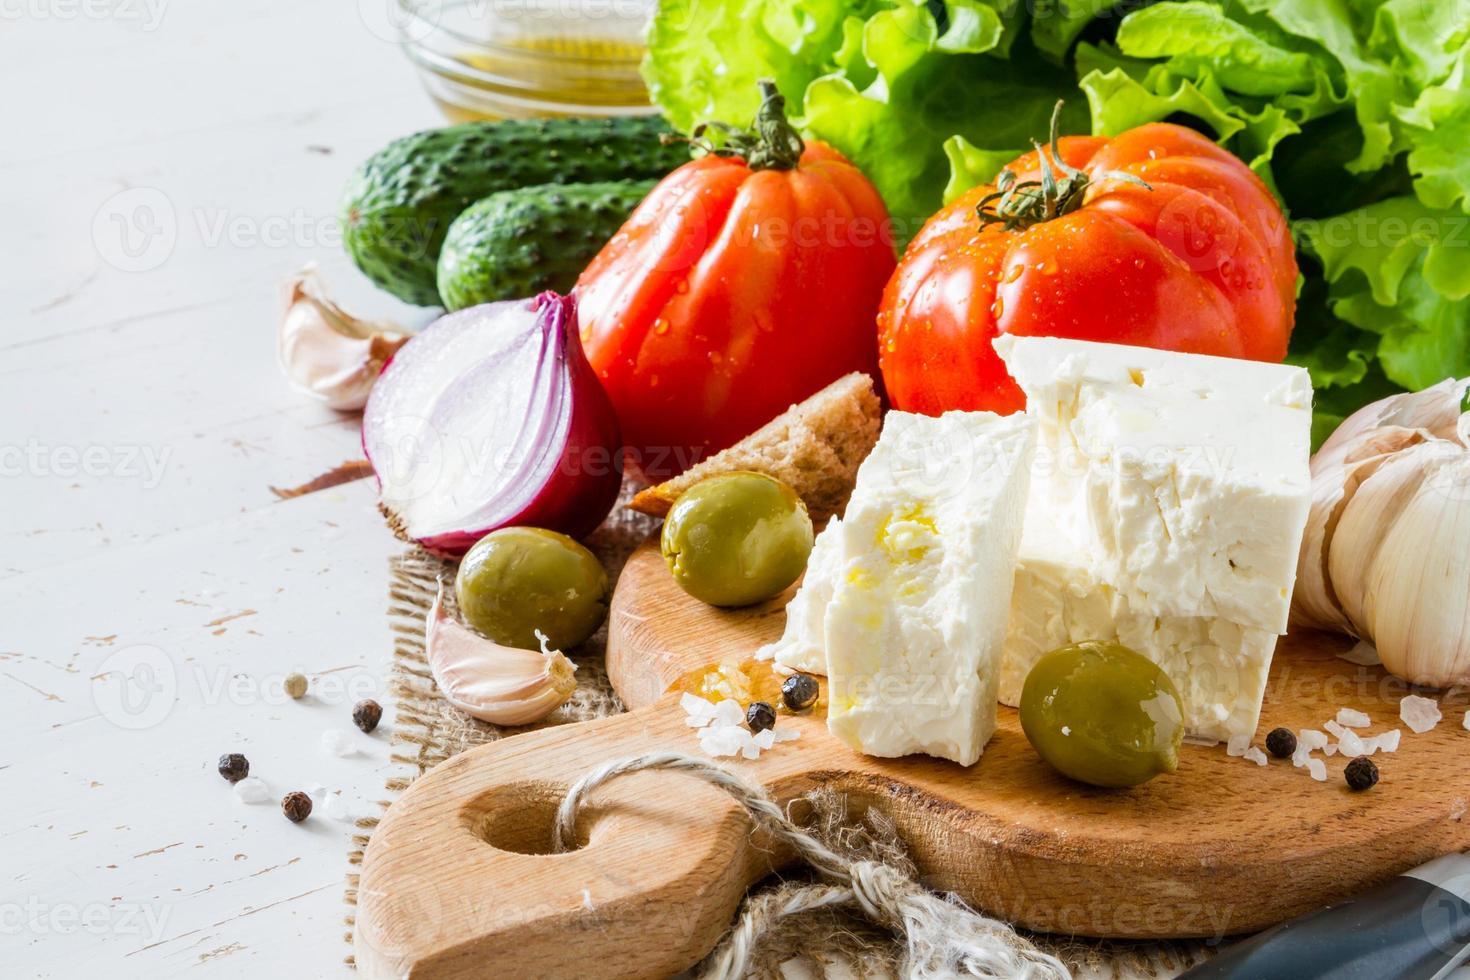 ingredienti per insalata - pomodoro, lattuga, cetriolo, feta, cipolla, olive, aglio foto